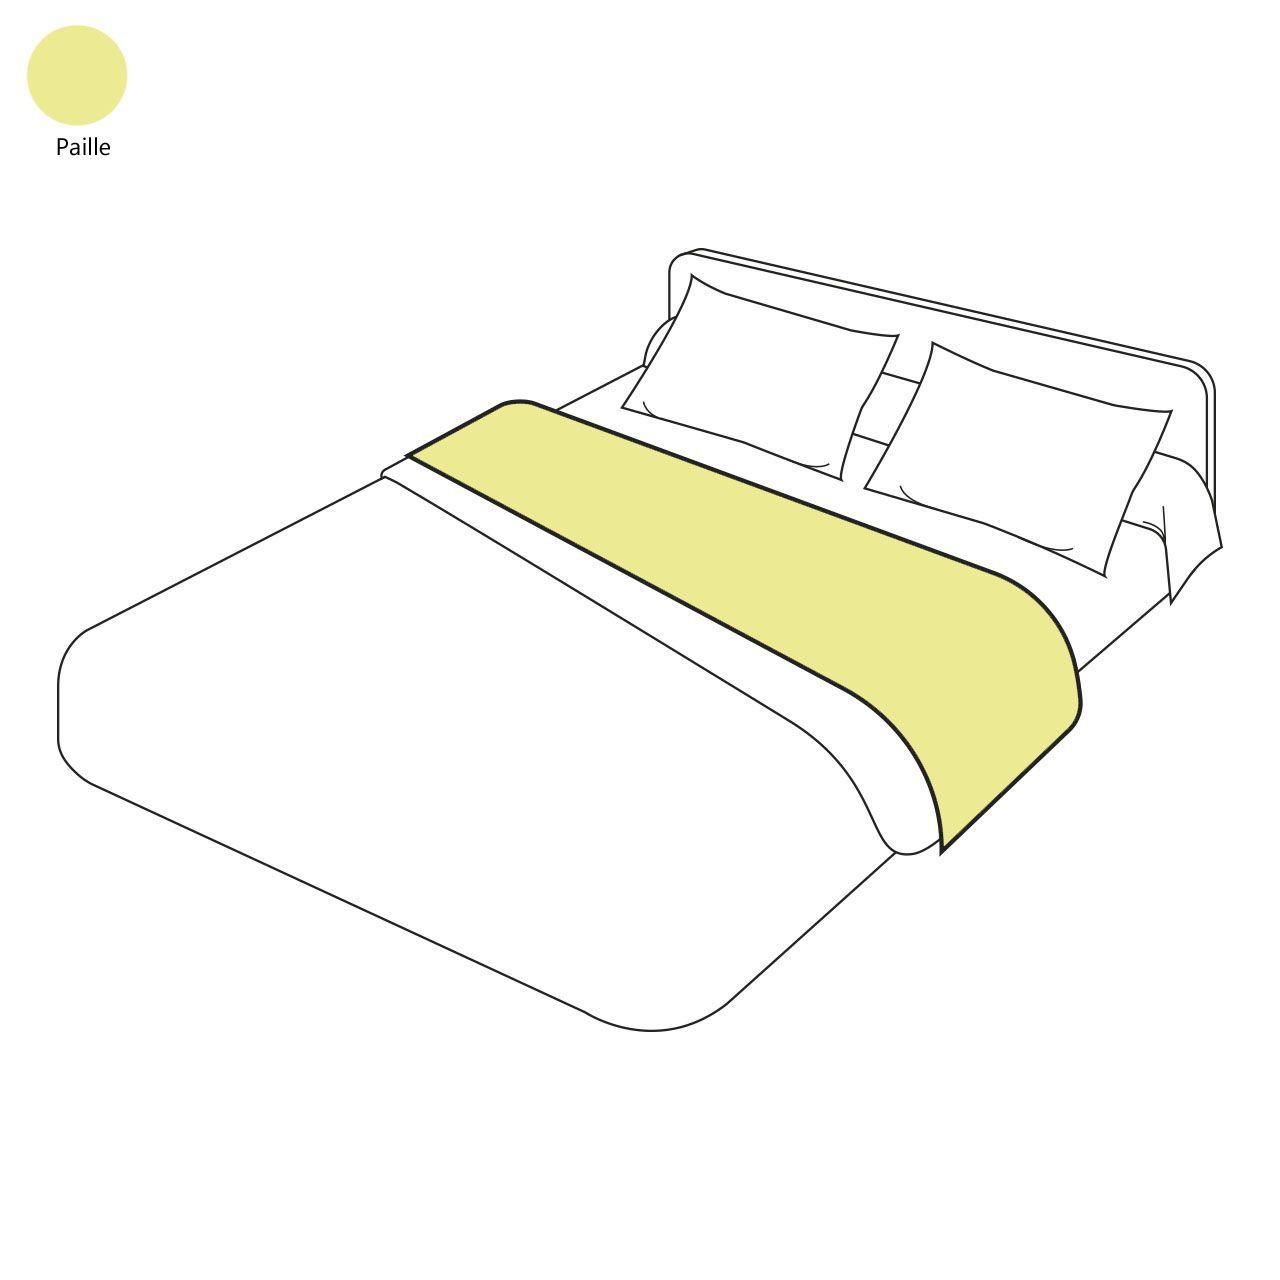 drap de lit uni paille 180x290 tradilinge. Black Bedroom Furniture Sets. Home Design Ideas